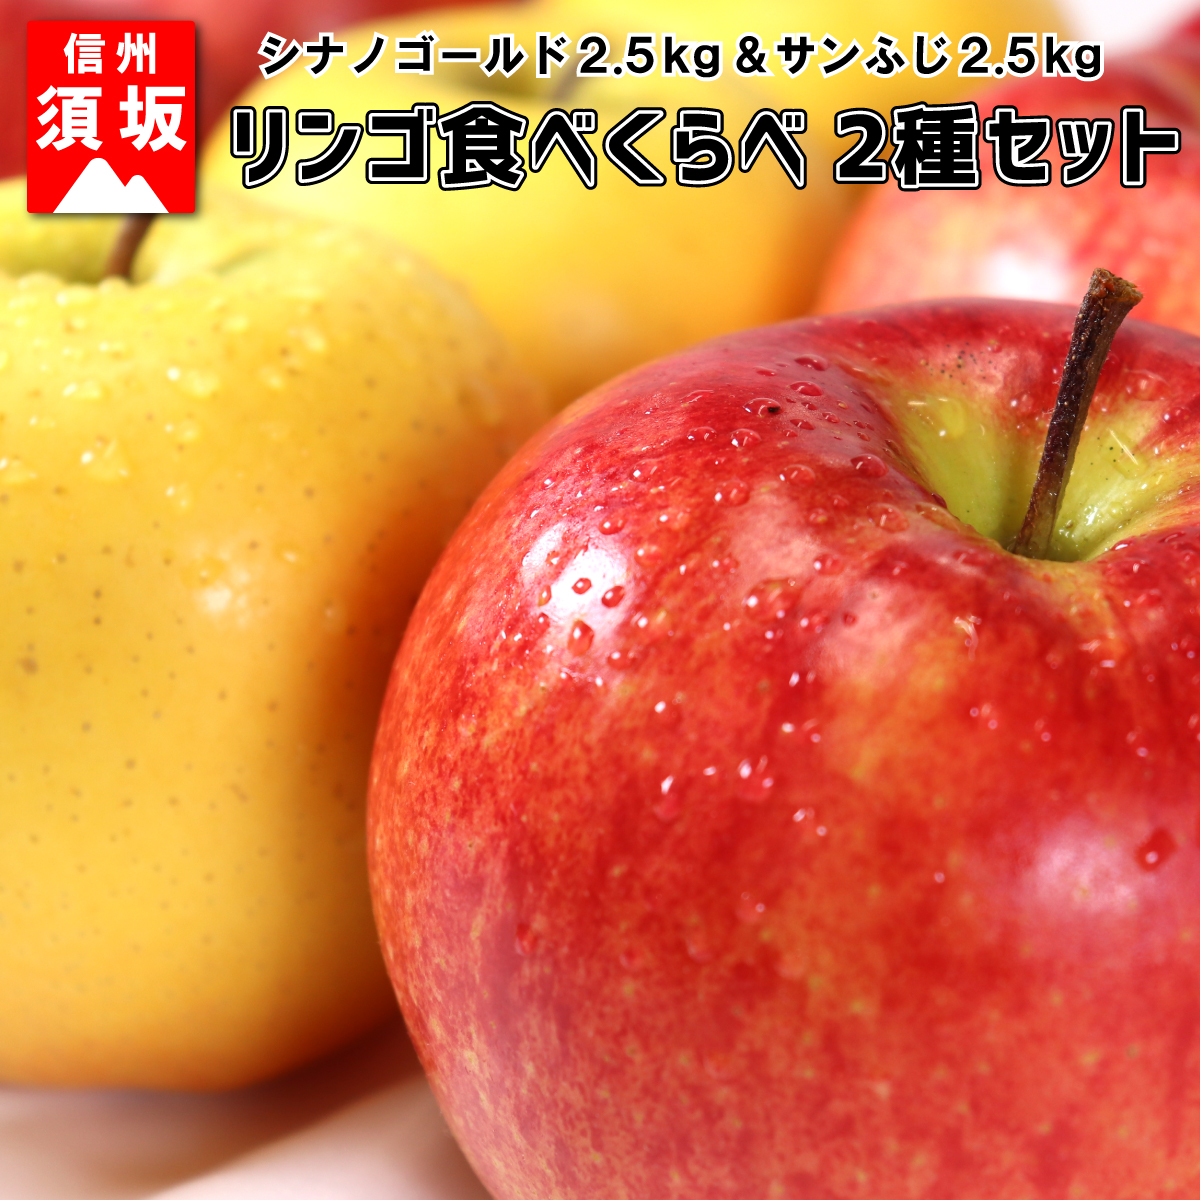 【信州須坂のりんご】食べくらべ二種セット 約5kg イメージ